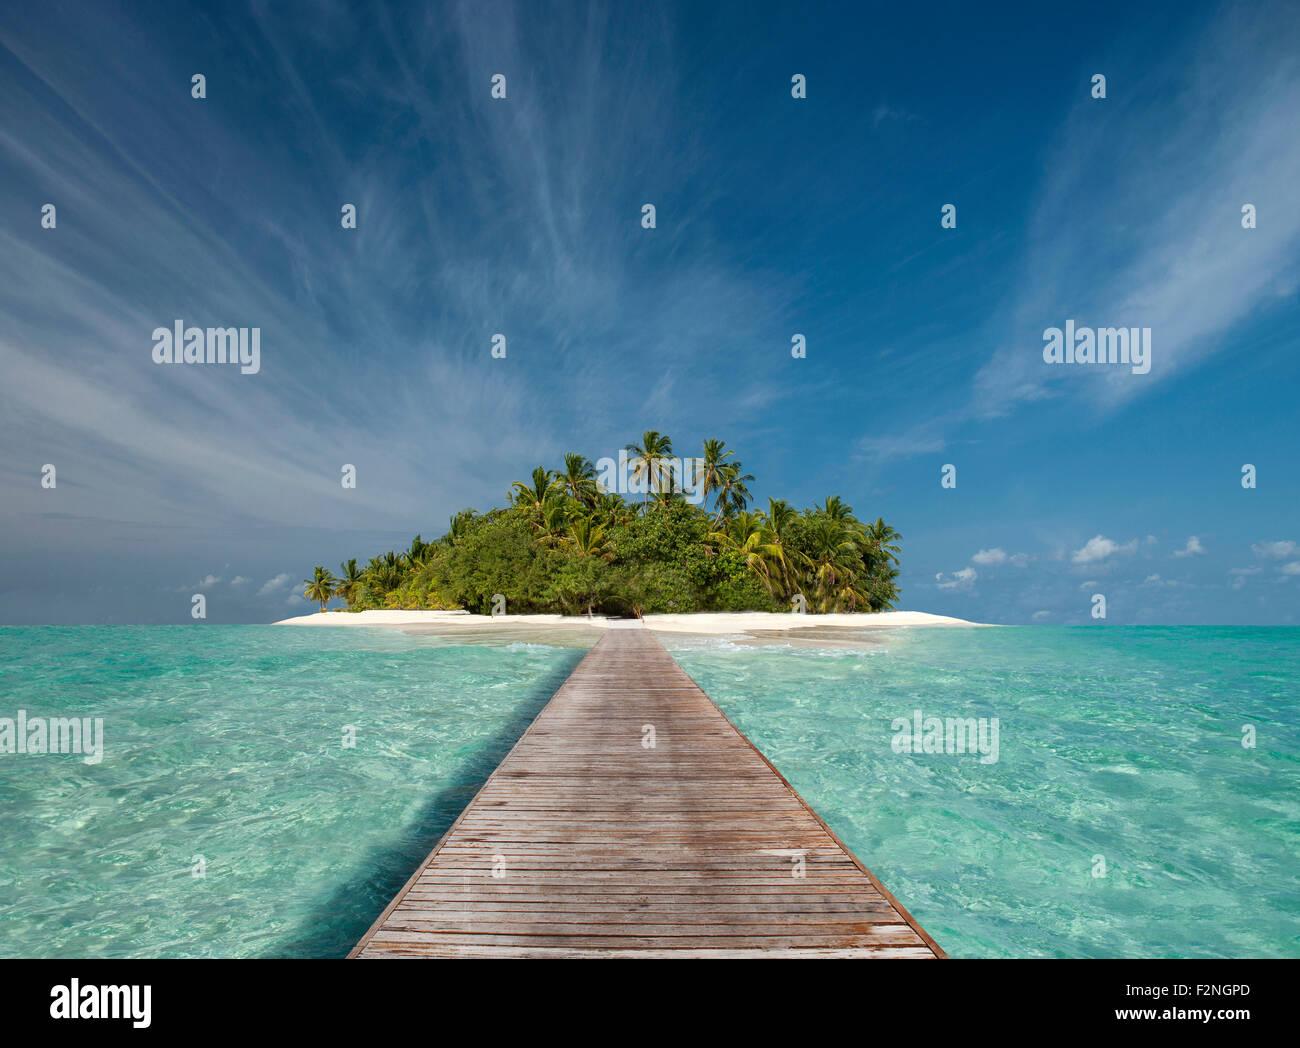 Wooden dock walkway to tropical island Stock Photo